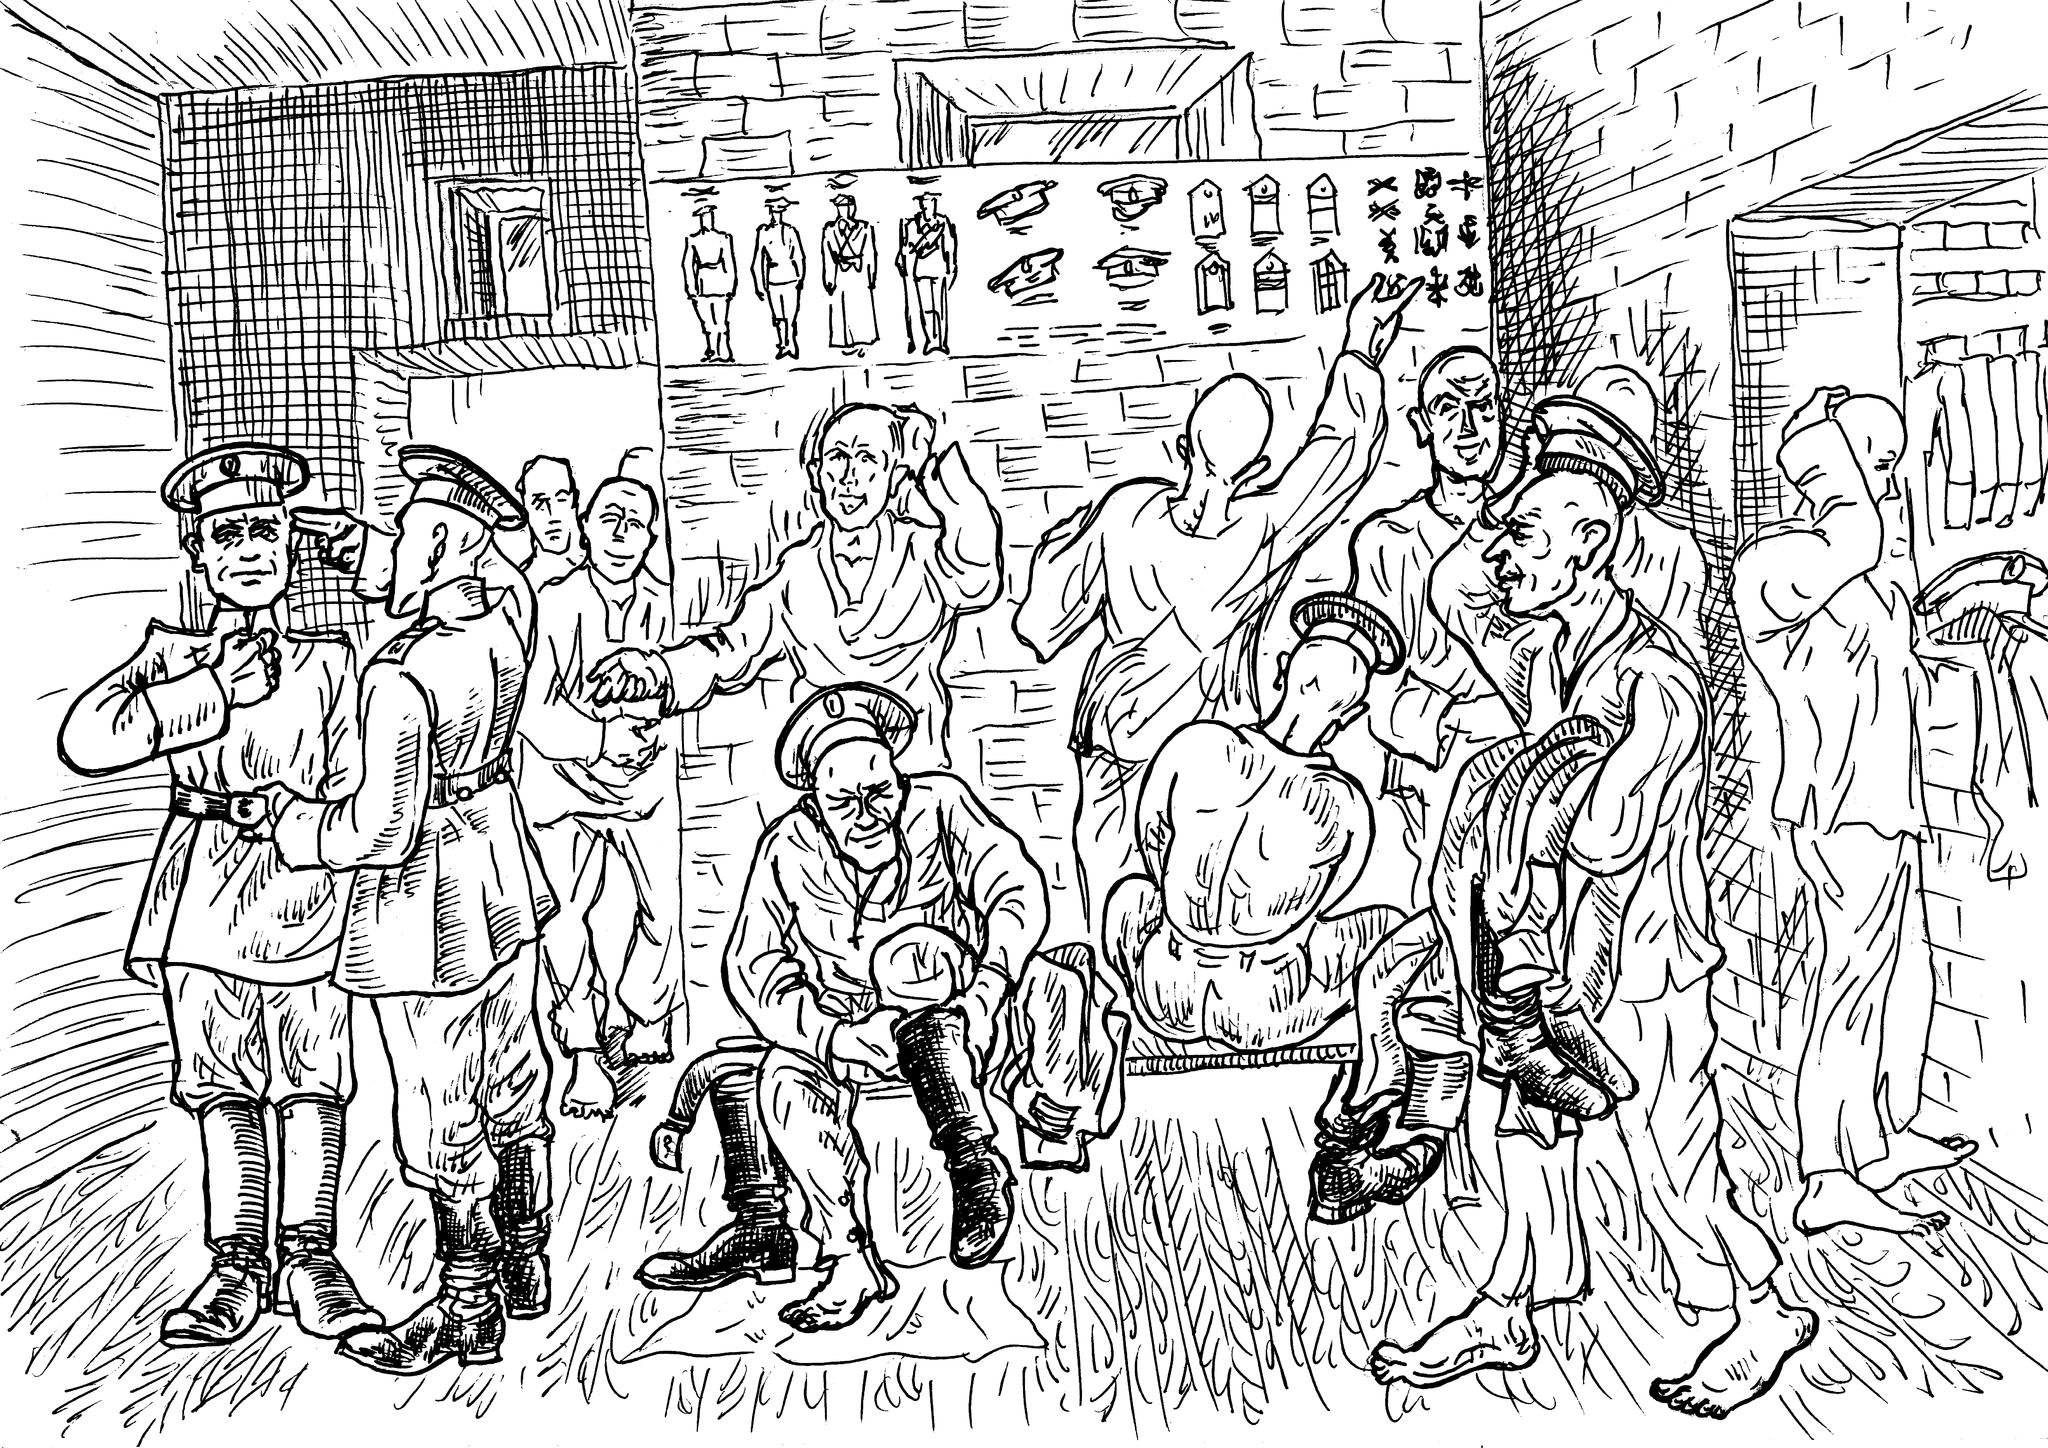 На складе вещевой службы воинской части призывники примеряют форму одежды